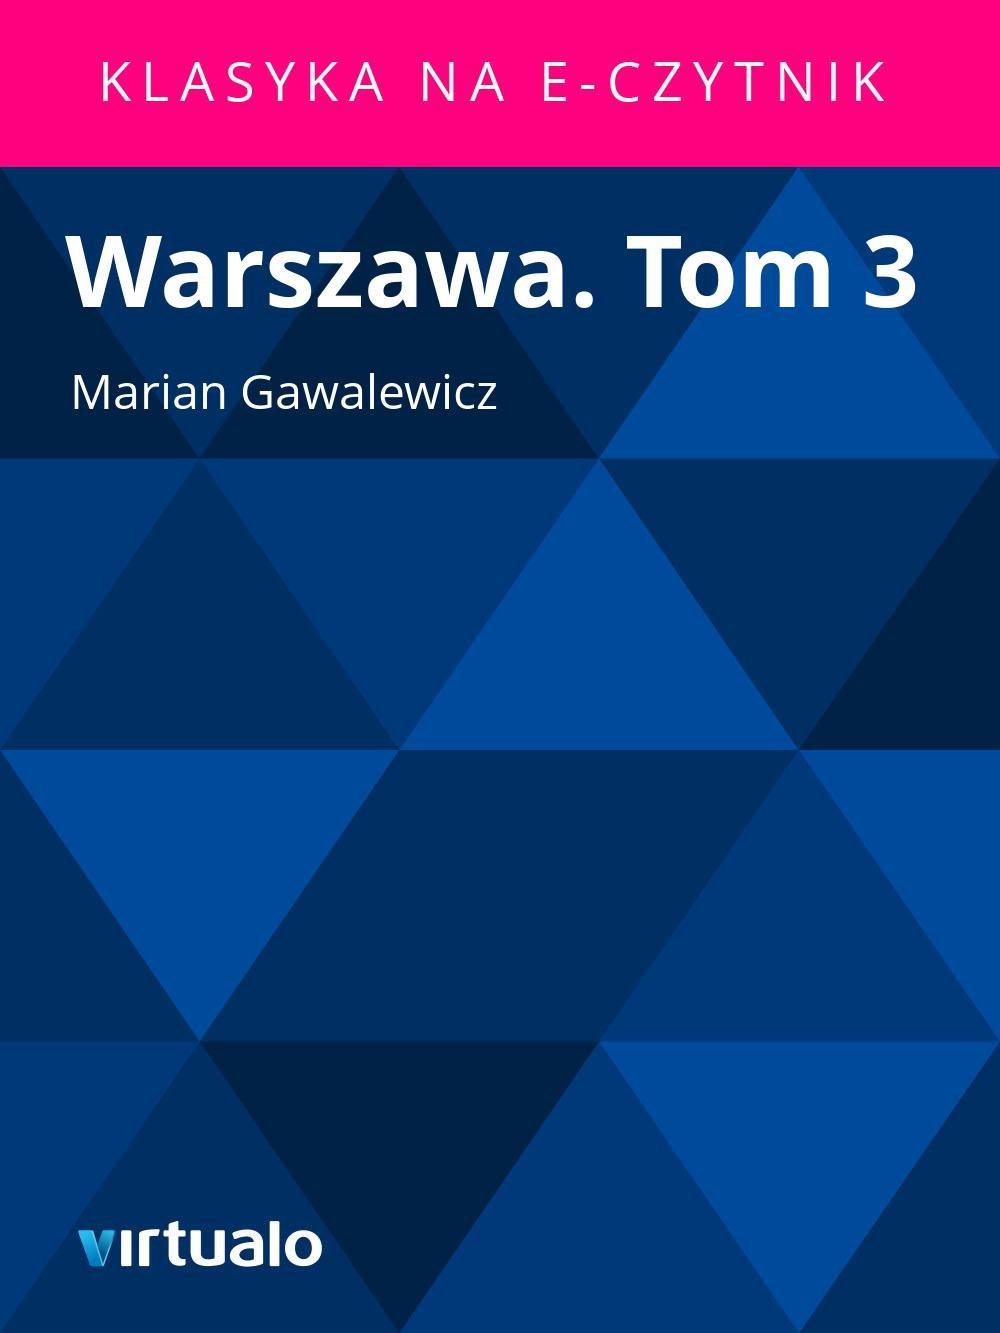 Warszawa. Tom 3 - Ebook (Książka EPUB) do pobrania w formacie EPUB